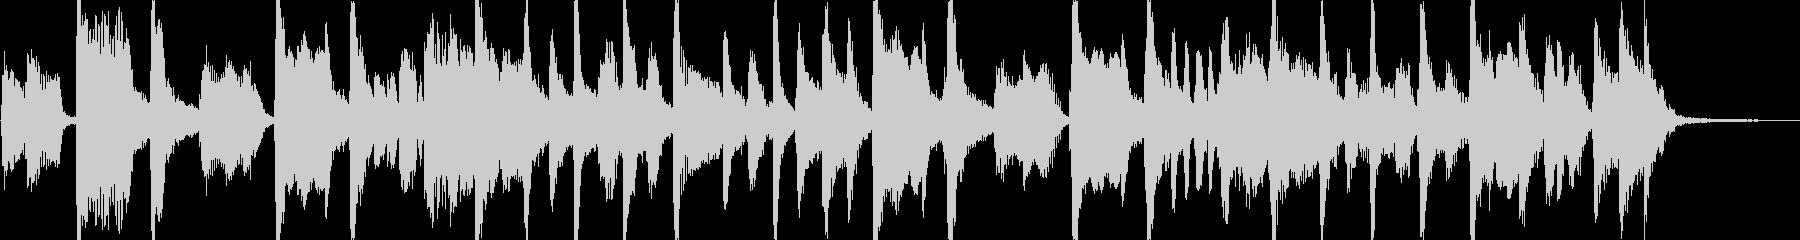 キーボードメインの軽快なロック風ジングルの未再生の波形